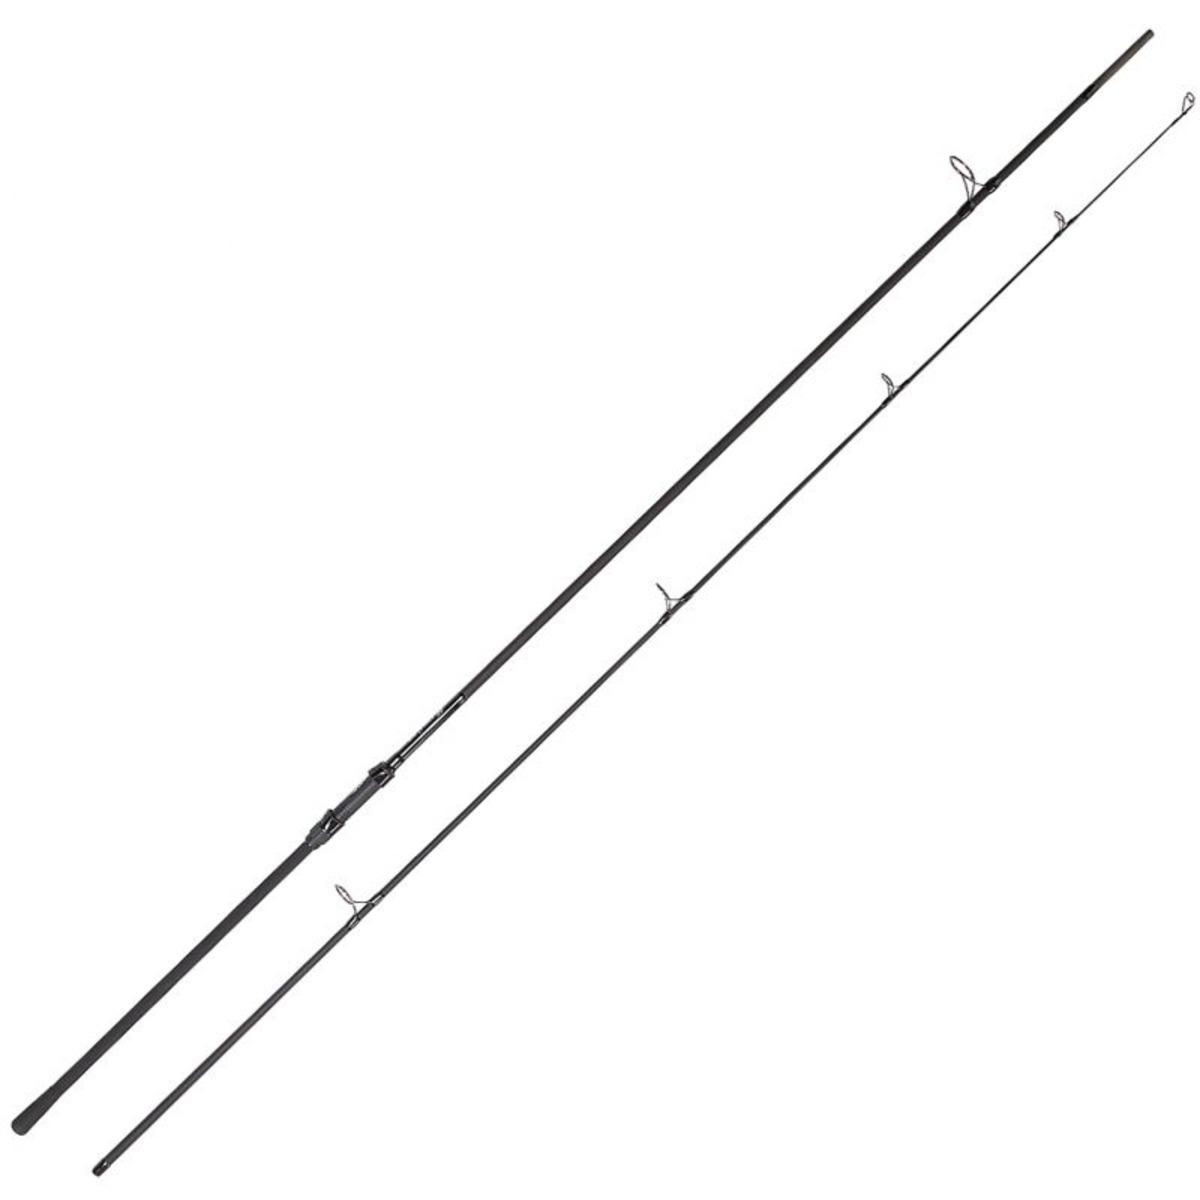 Chub RS Plus - 12 ft-3.66 m - 2.50lb Premier Anneau 40 mm